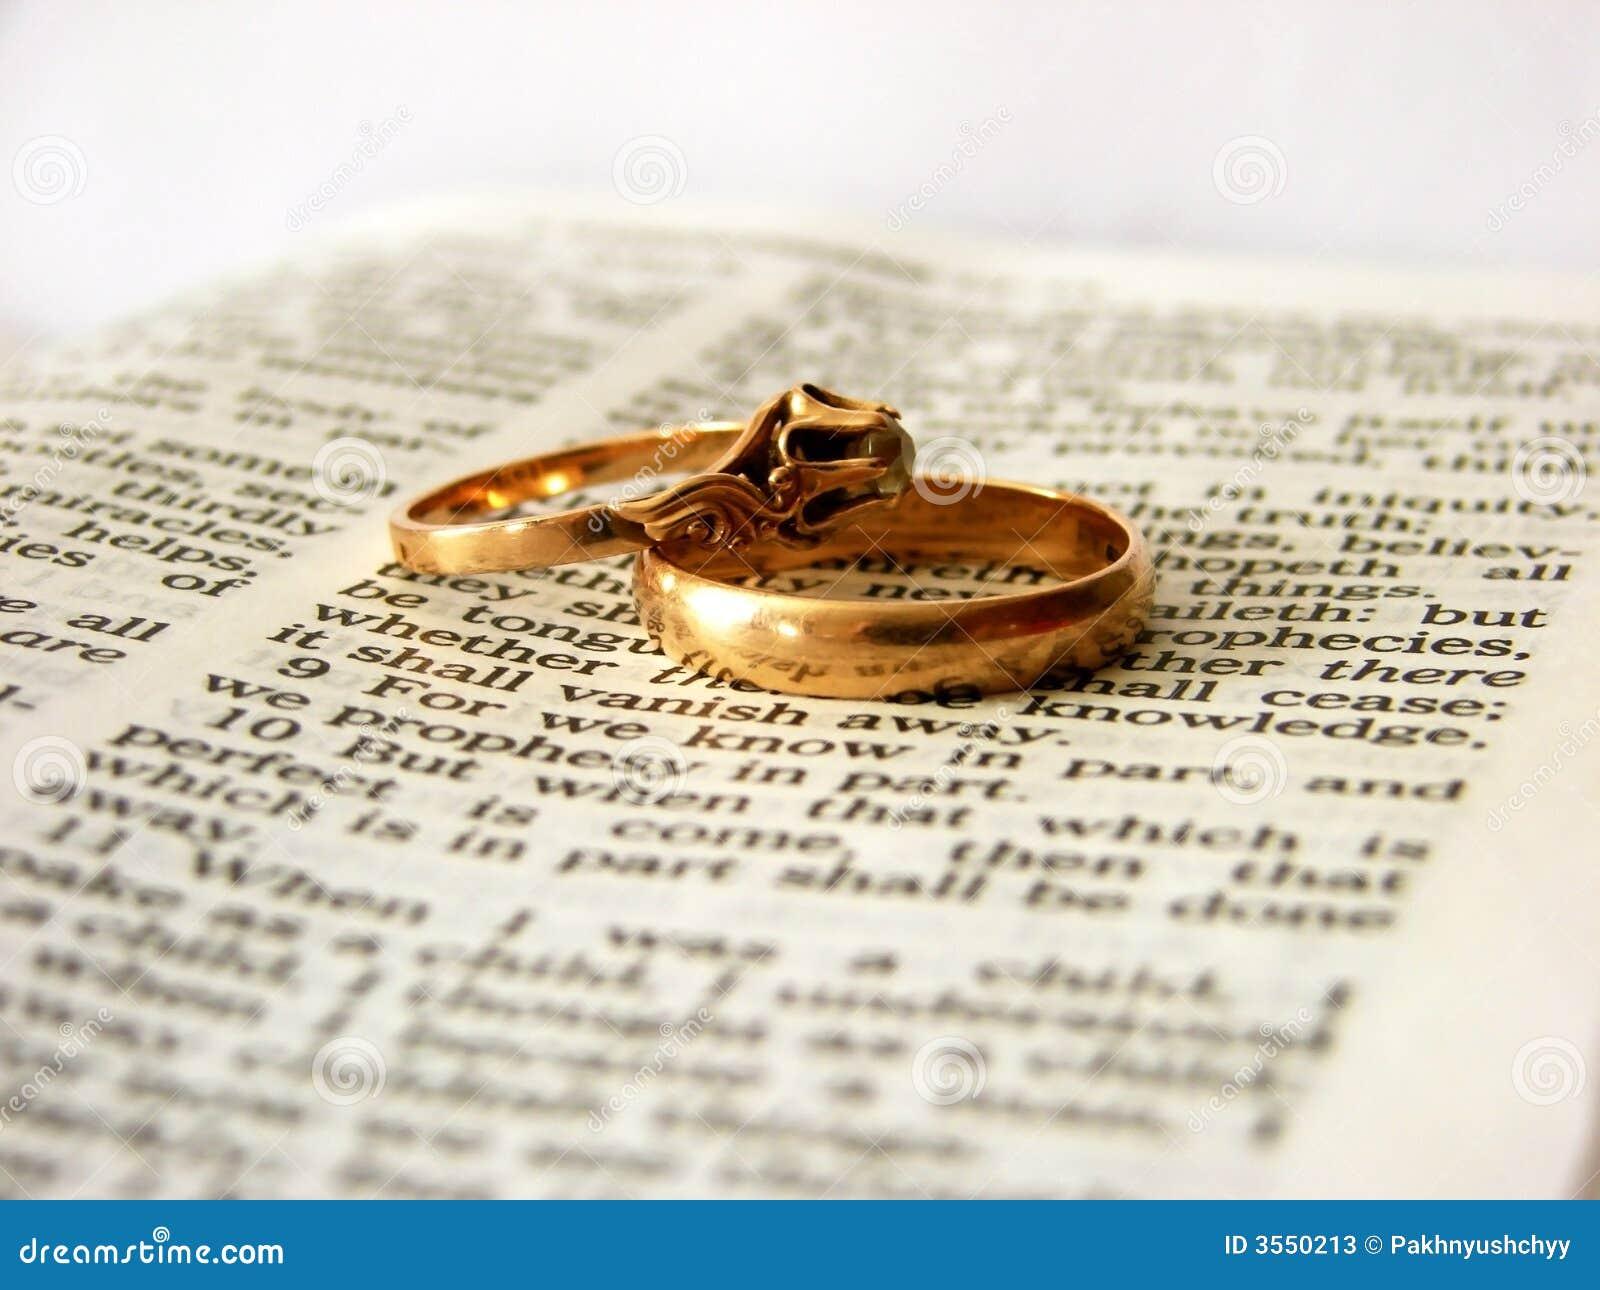 Matrimonio Biblia Nvi : Votos de boda la biblia imagenes